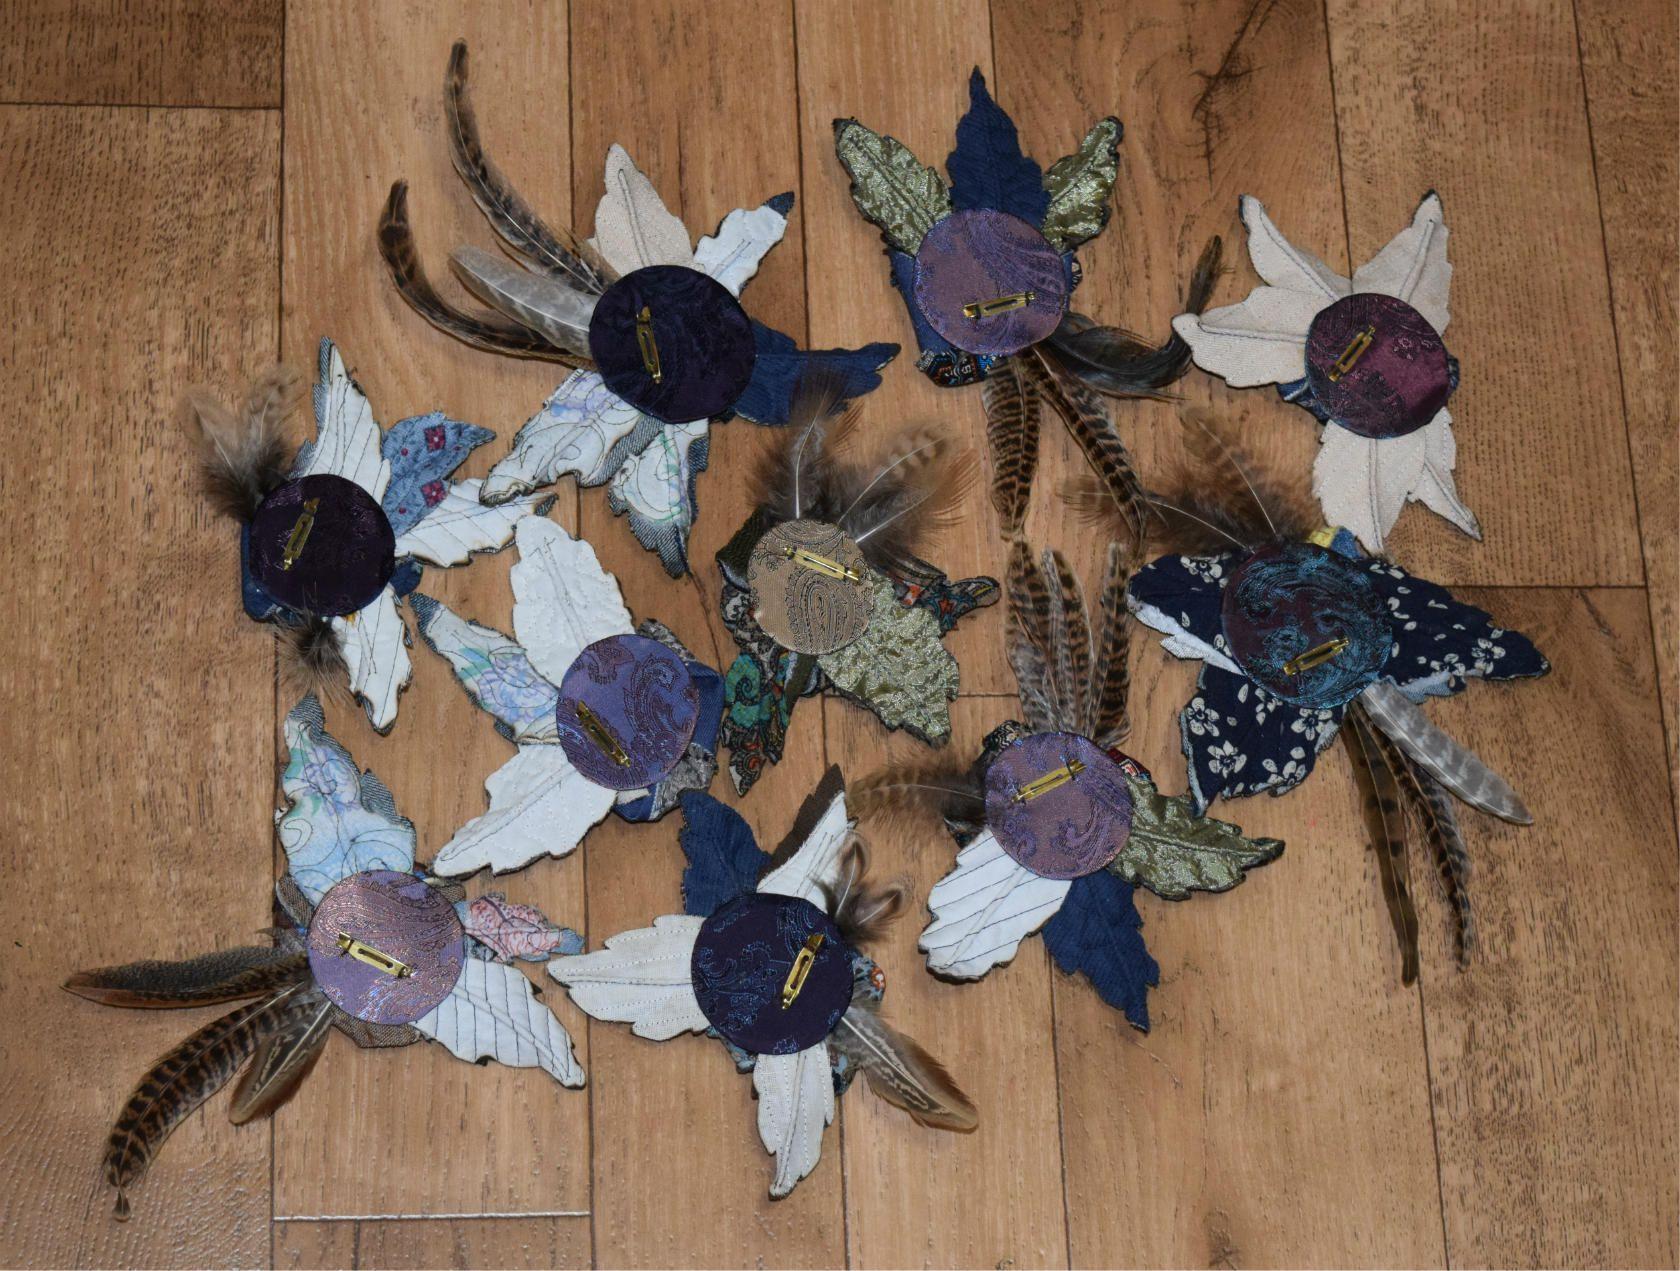 джинс фантазия брошь винтаж аксессуары подарок купитьподарок сувенир стиль своимируками hendmade ручнаяработа бохо цветы мода